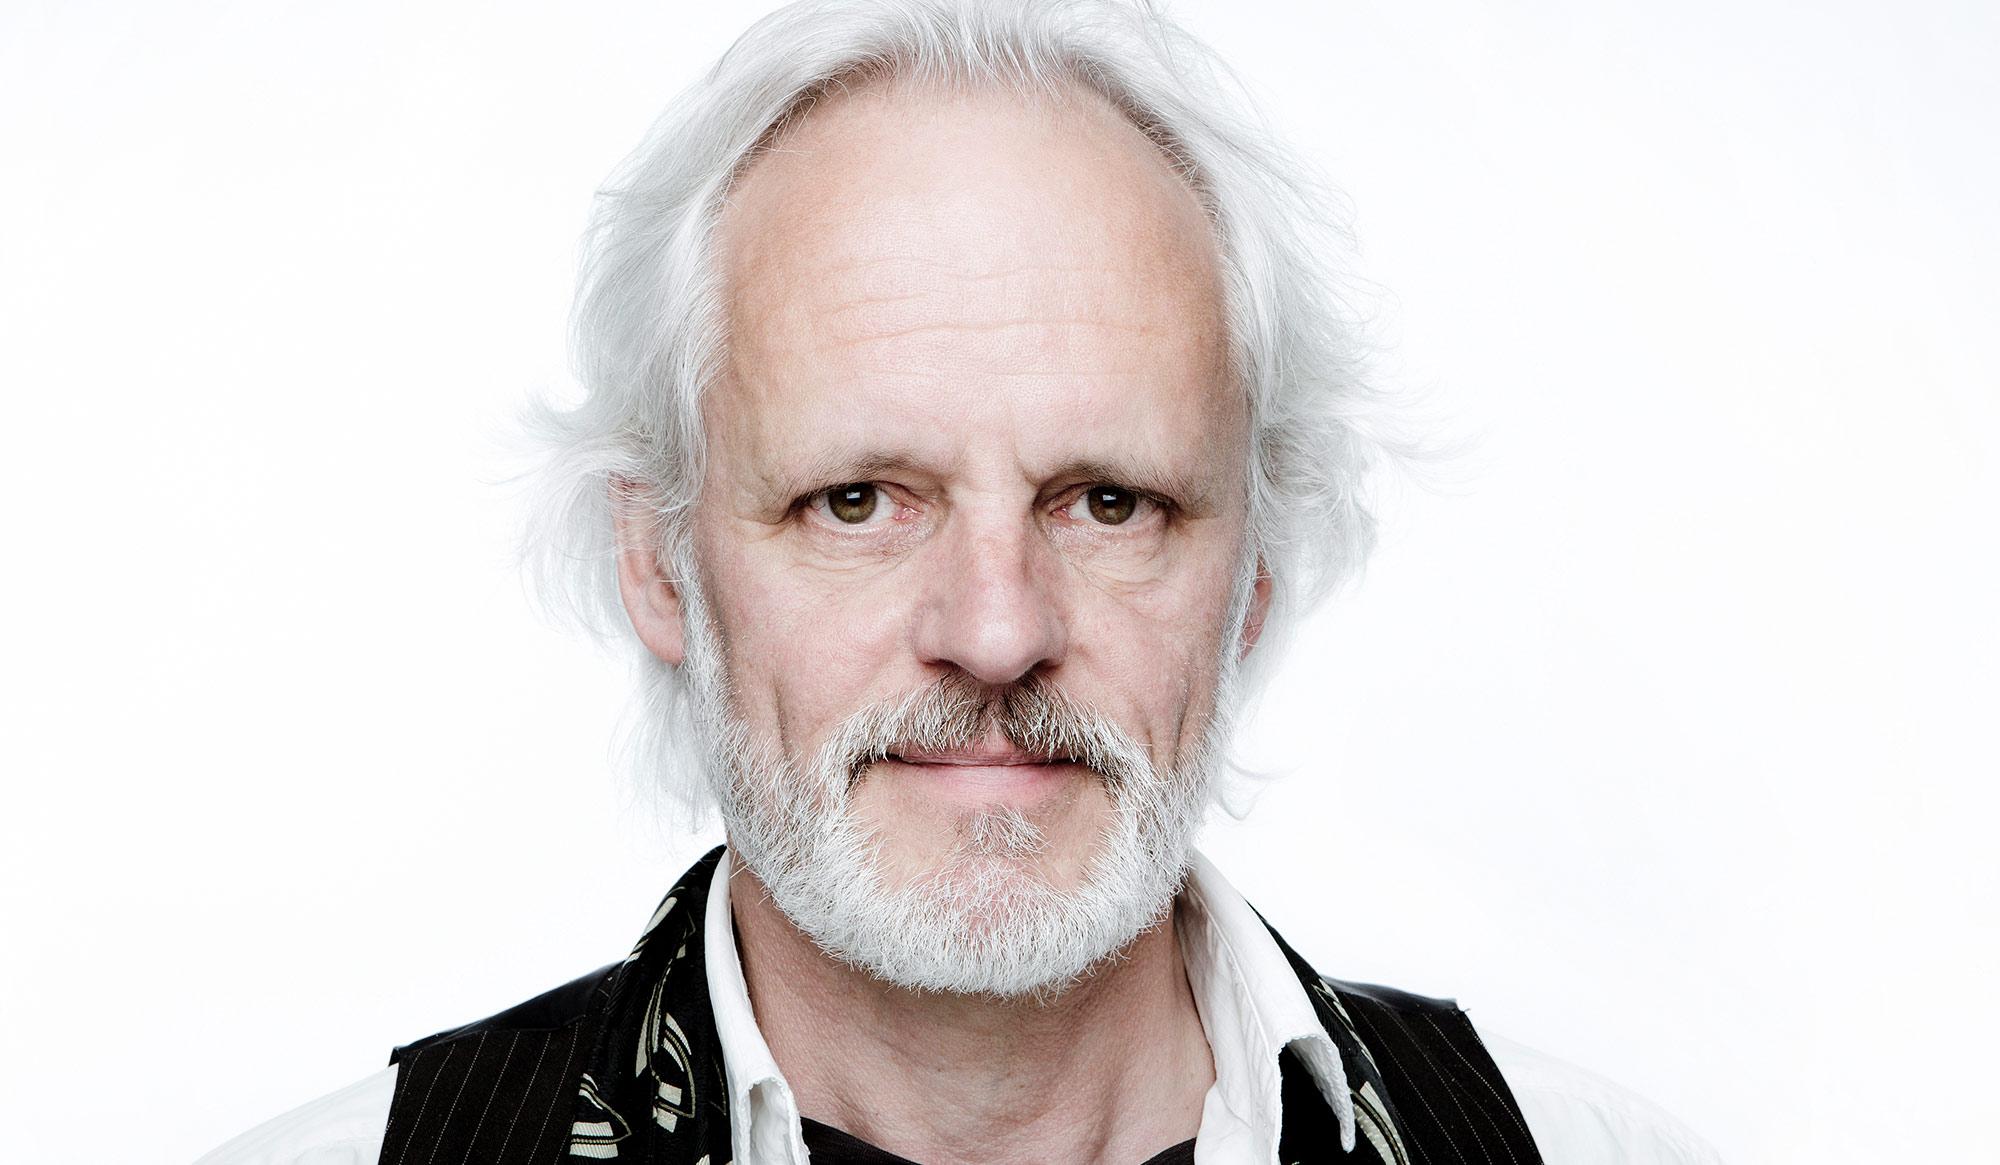 Ernst Hofacker